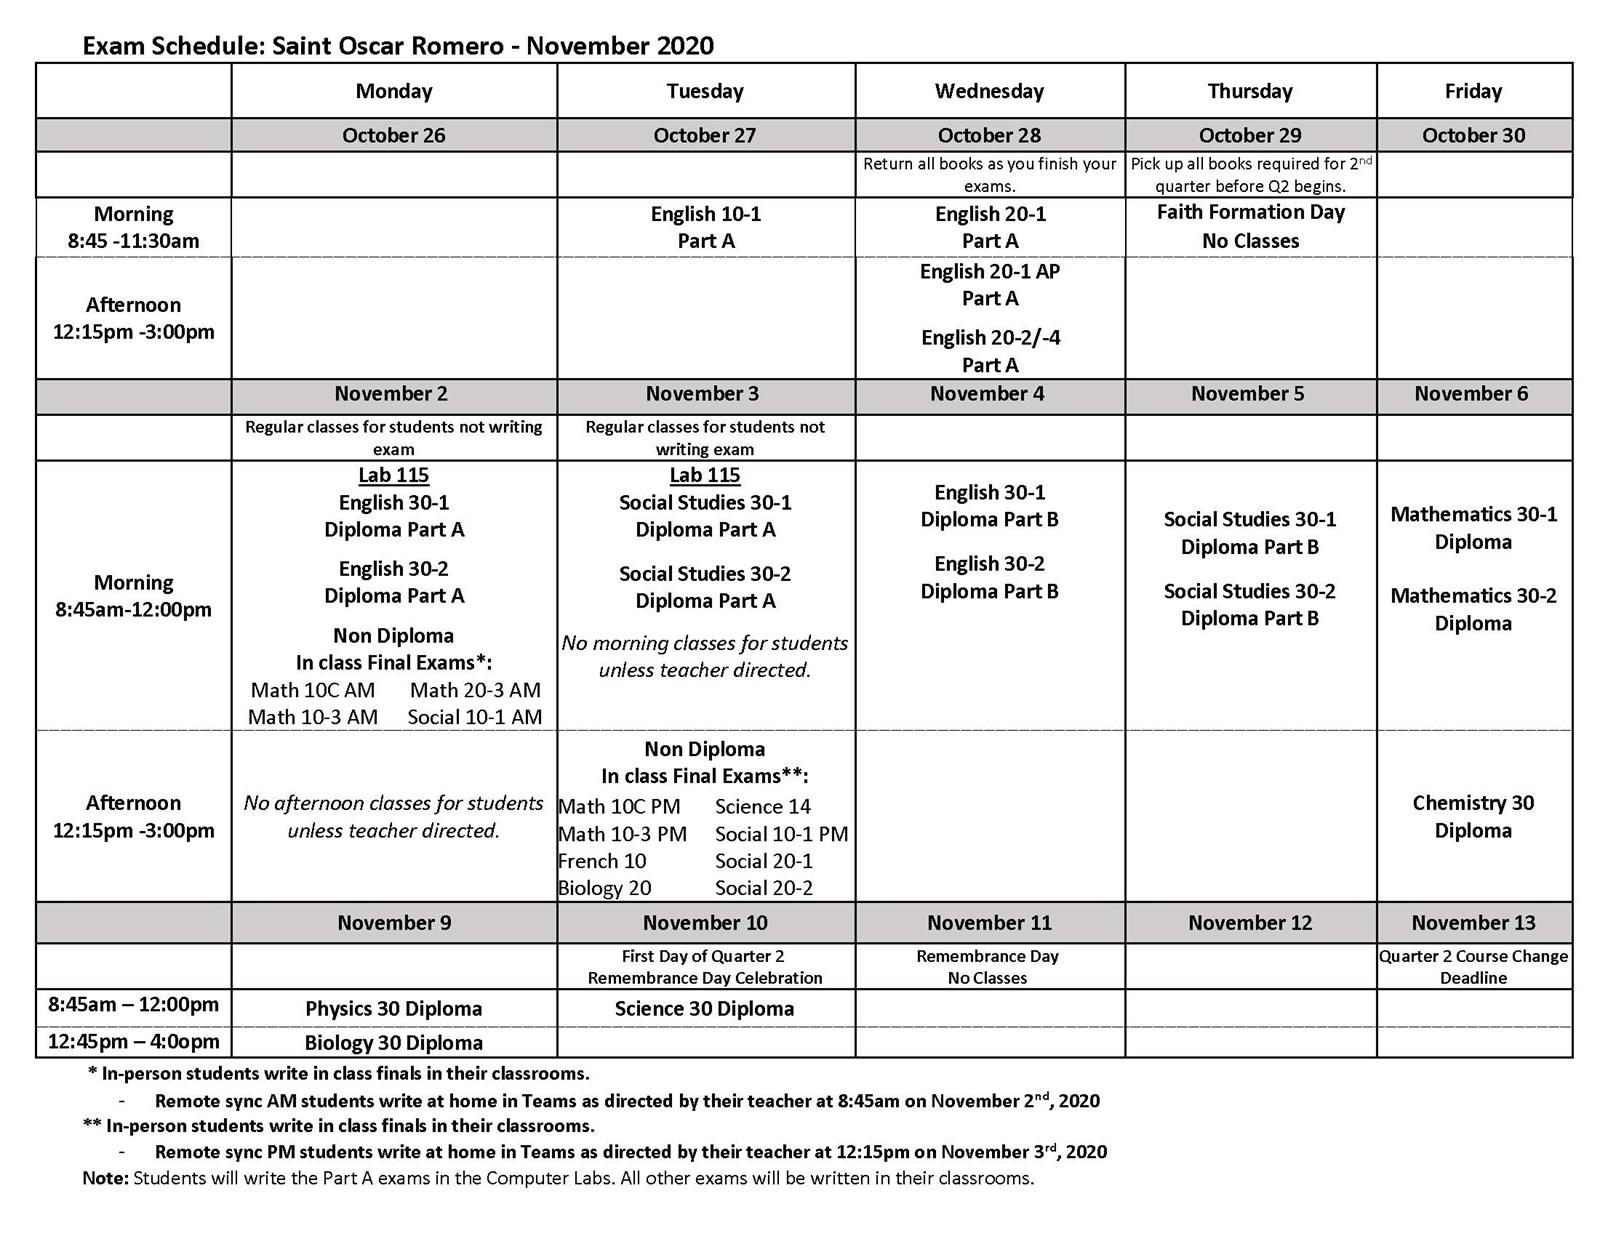 Nov 2020 - Exam Schedule.jpg